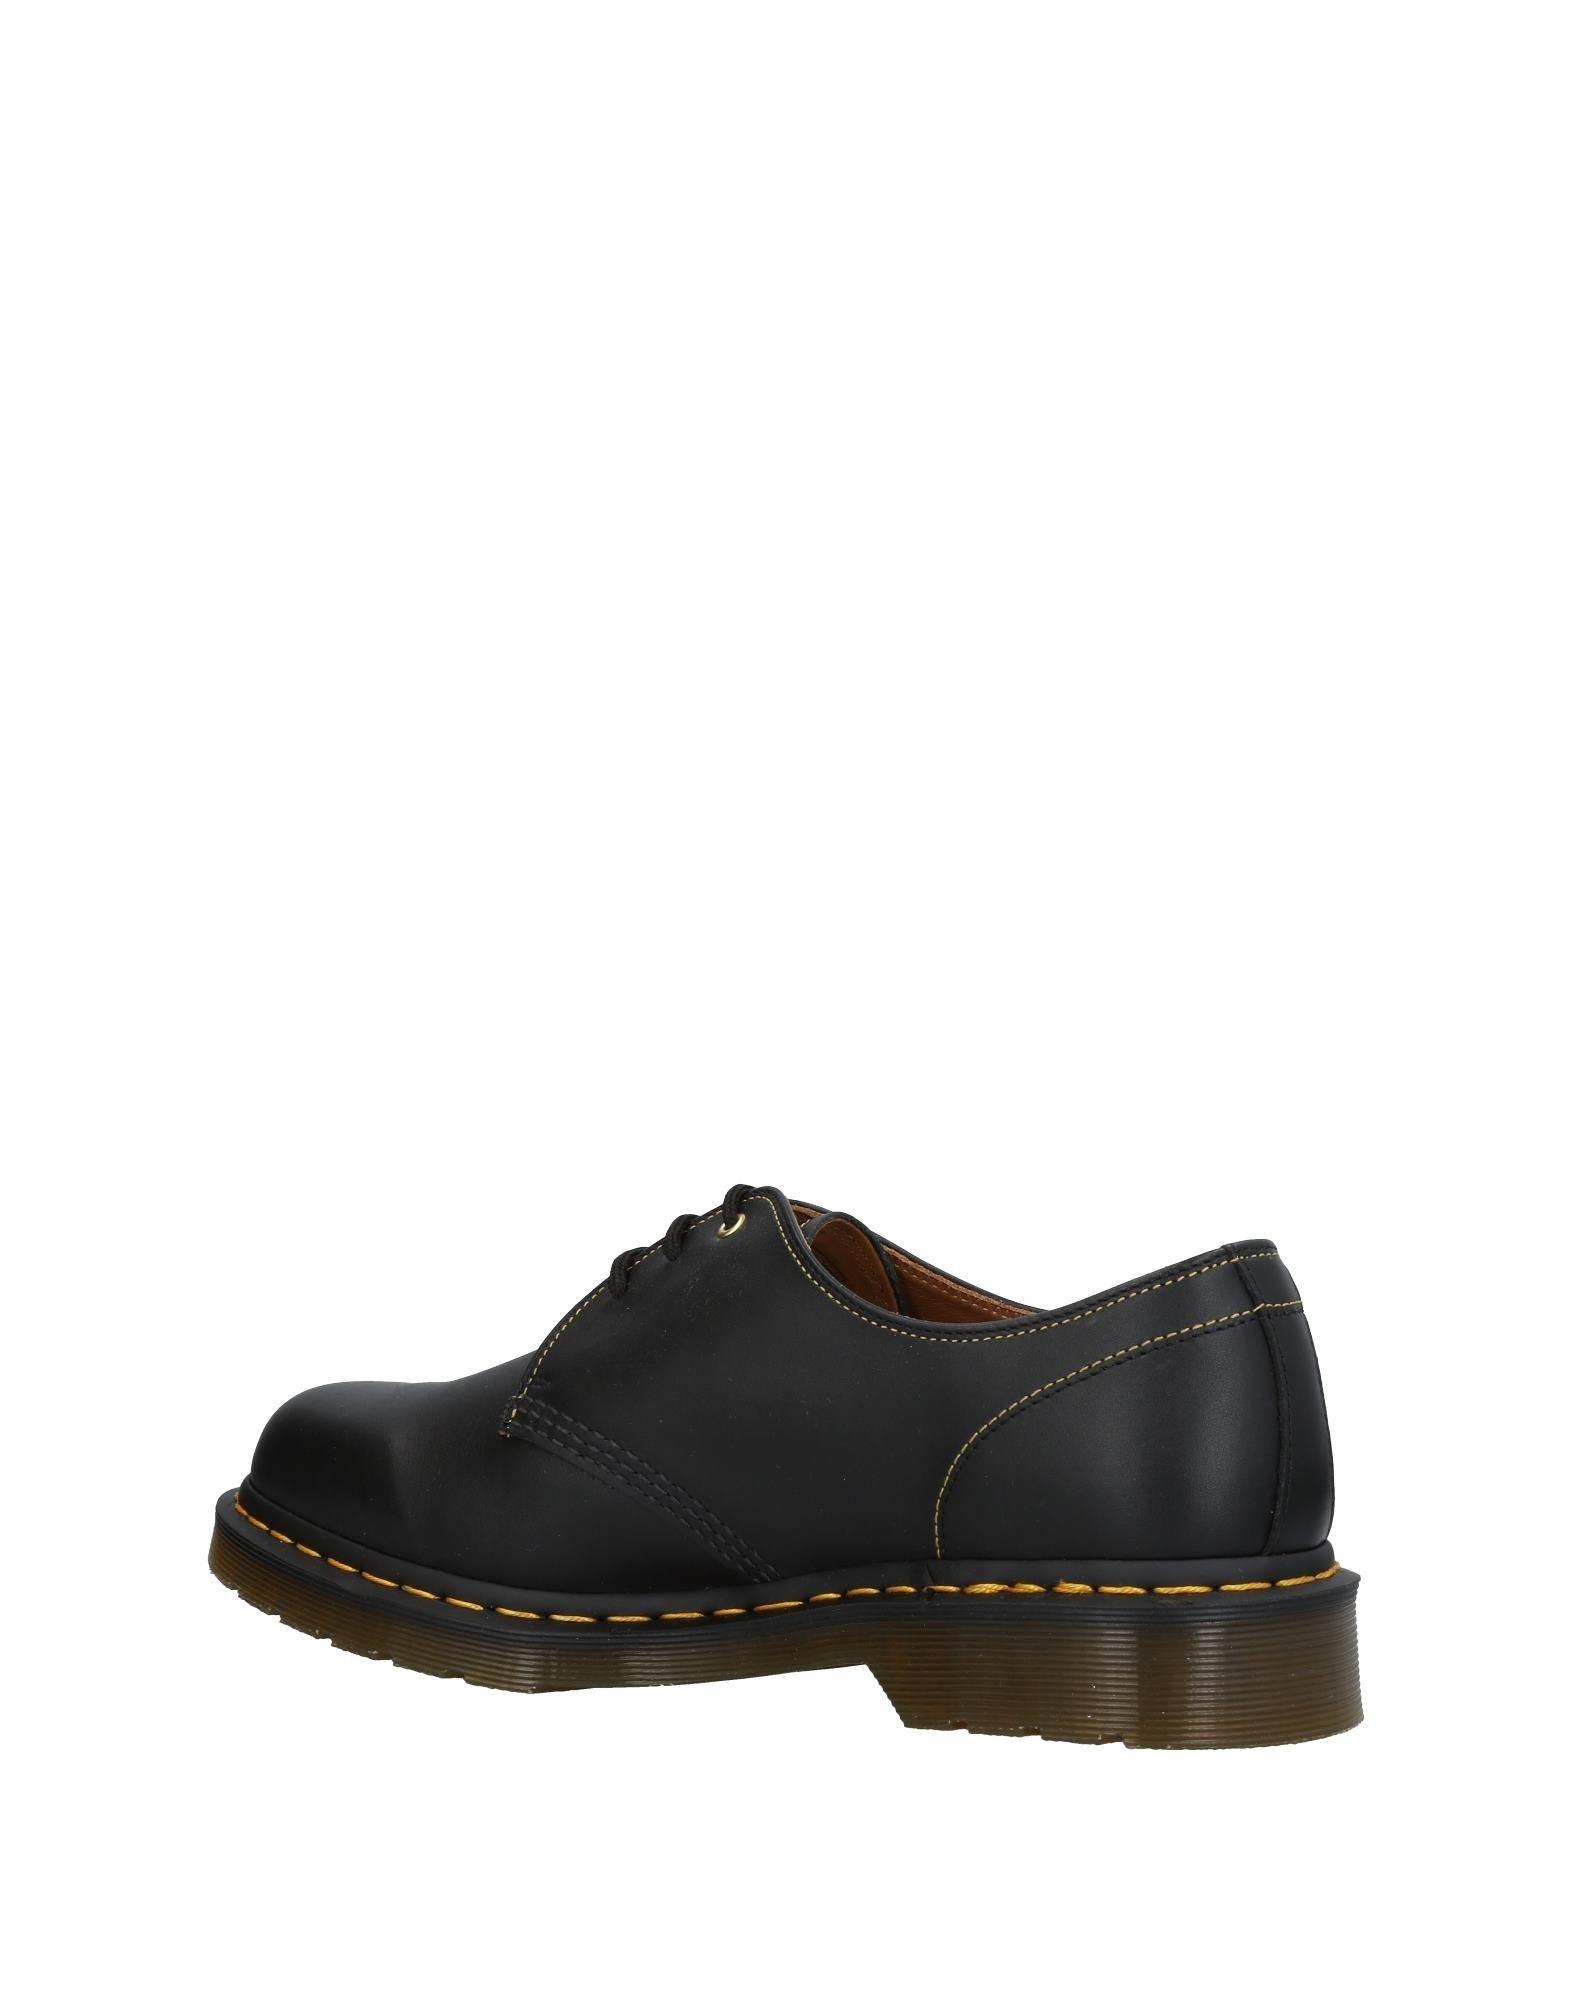 Chaussures - Chaussures À Lacets Yohji Yamamoto xBvCIV